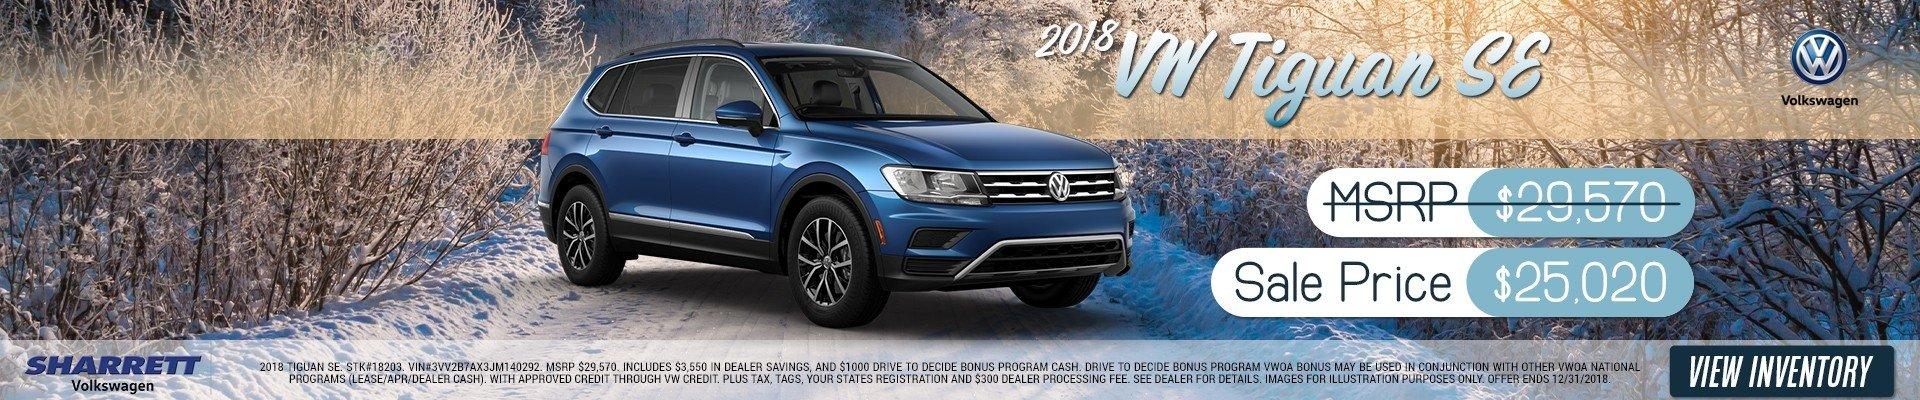 2018 VW Tiguan SE for $25,020